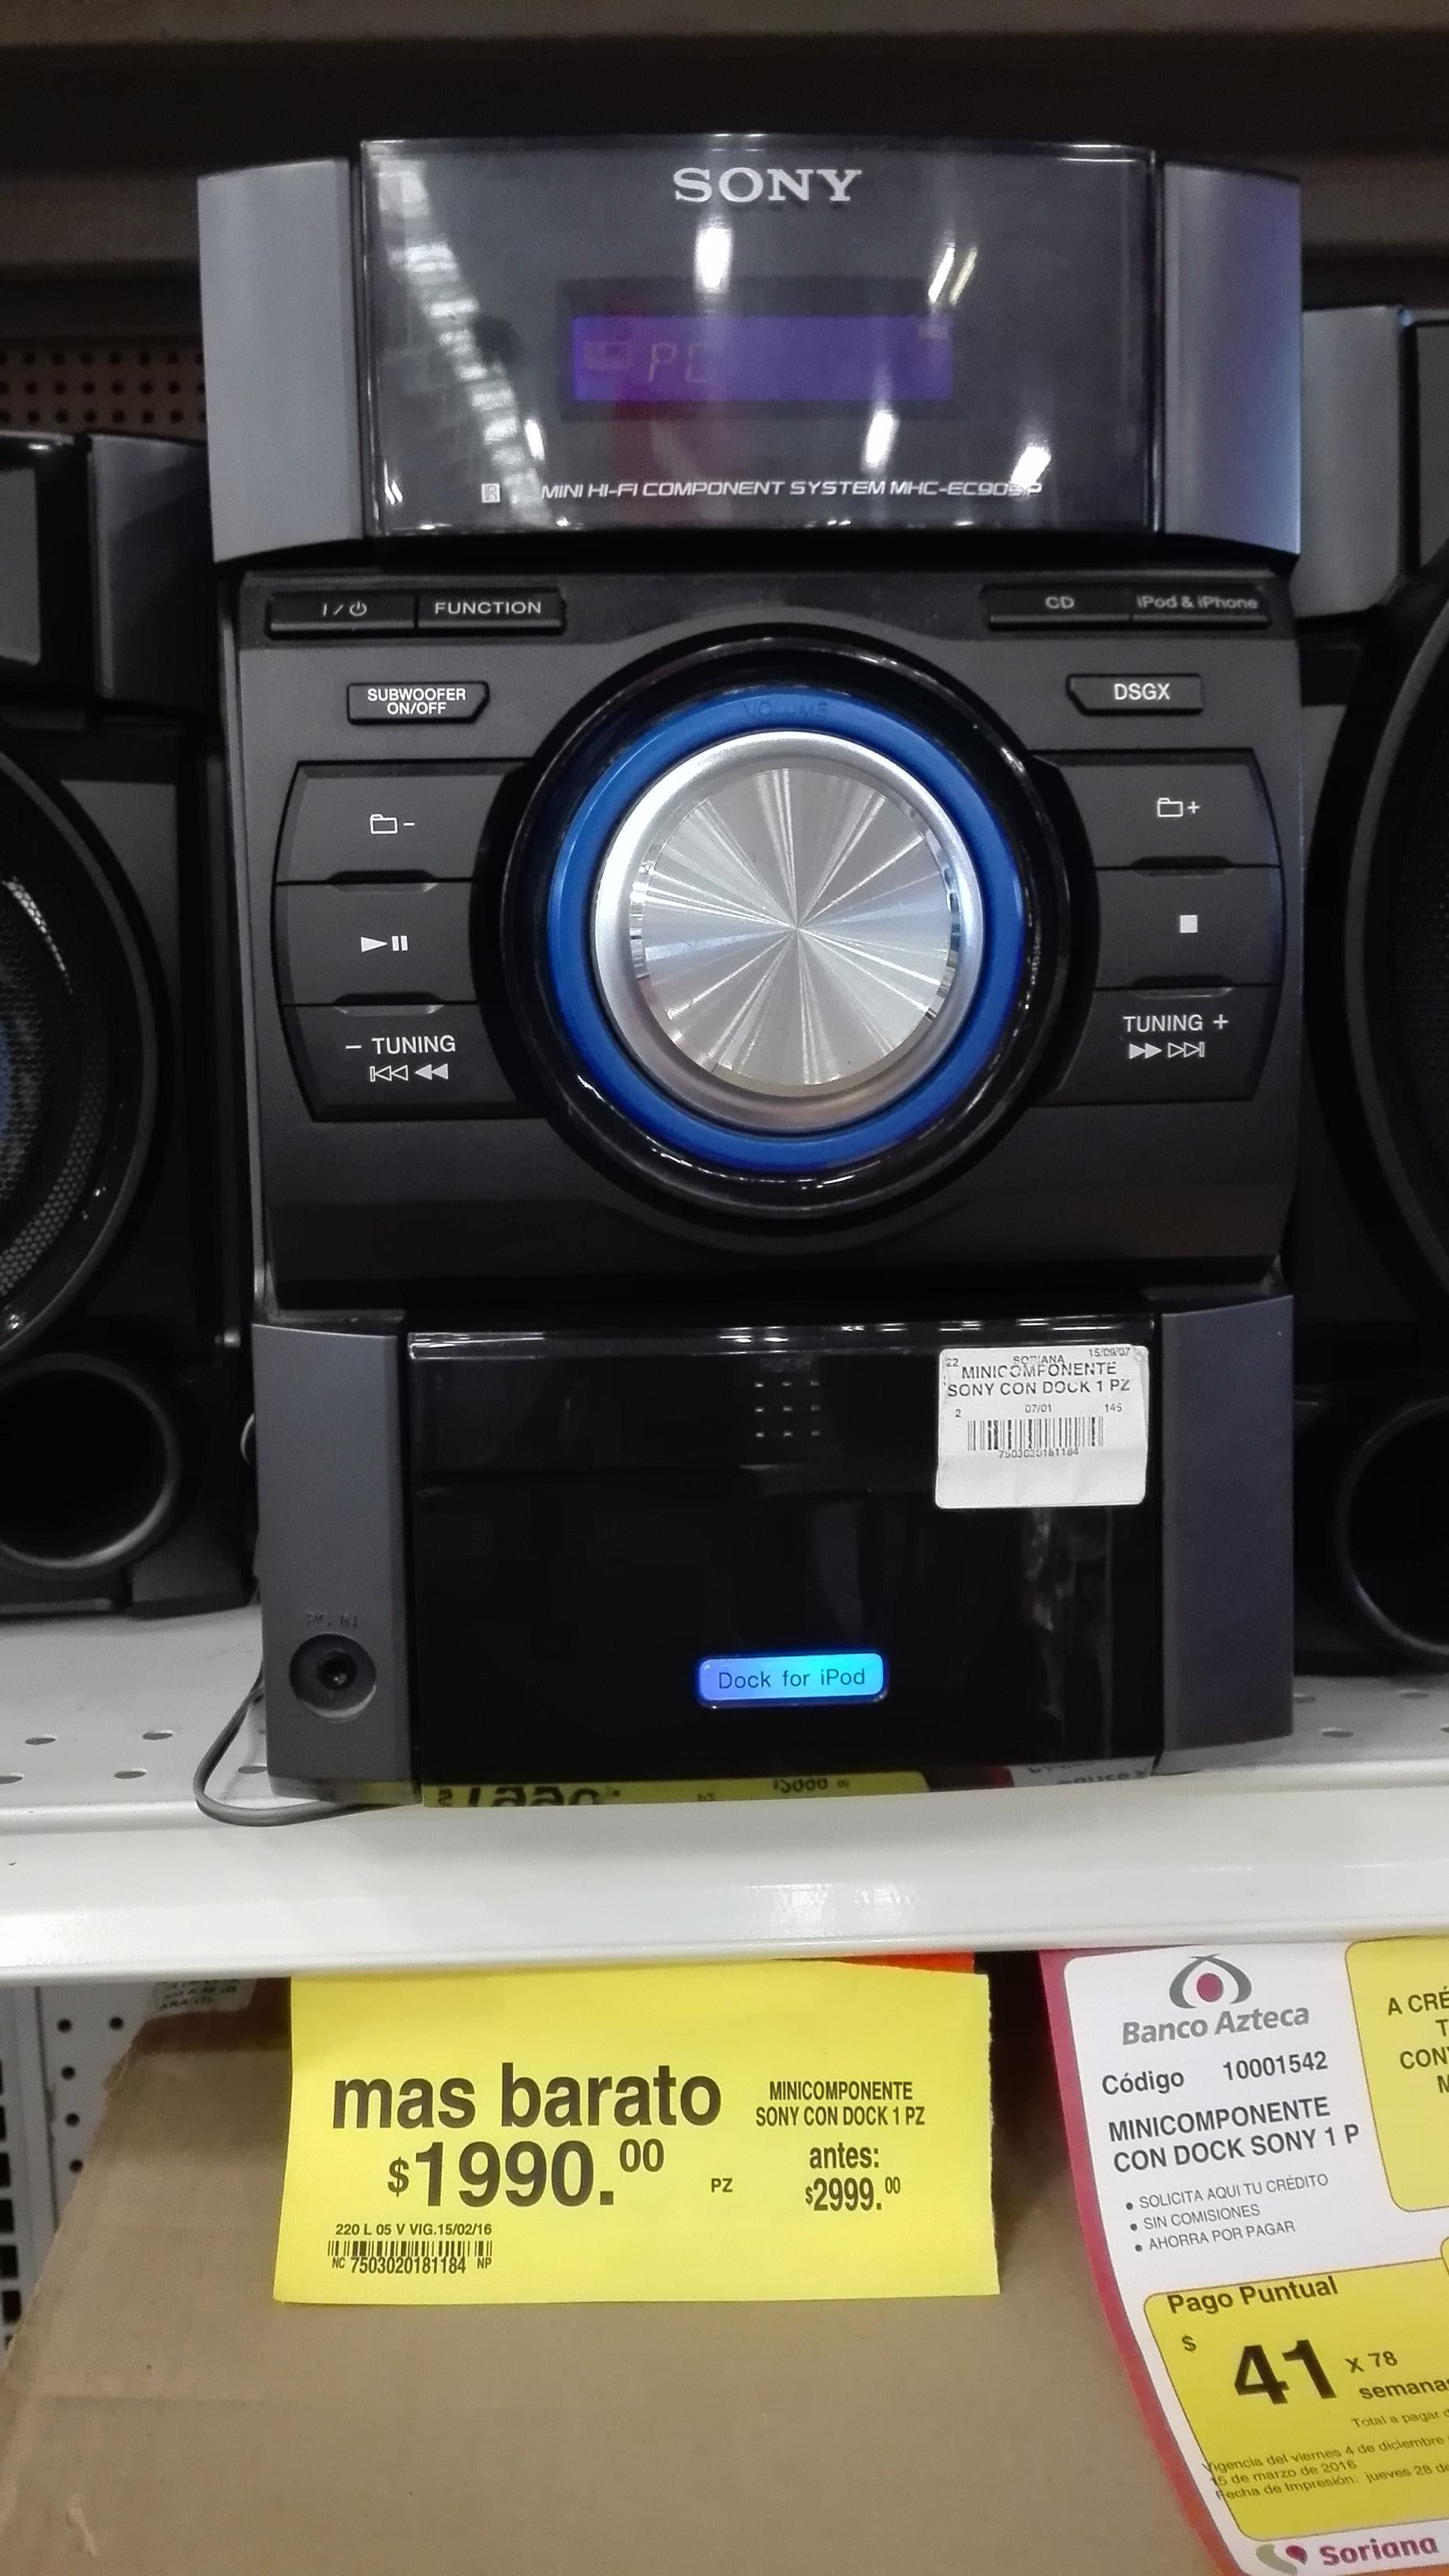 Soriana orizaba,ver...Mínicomponente sony con dock Para iPhone & ipod, precio normal $2999